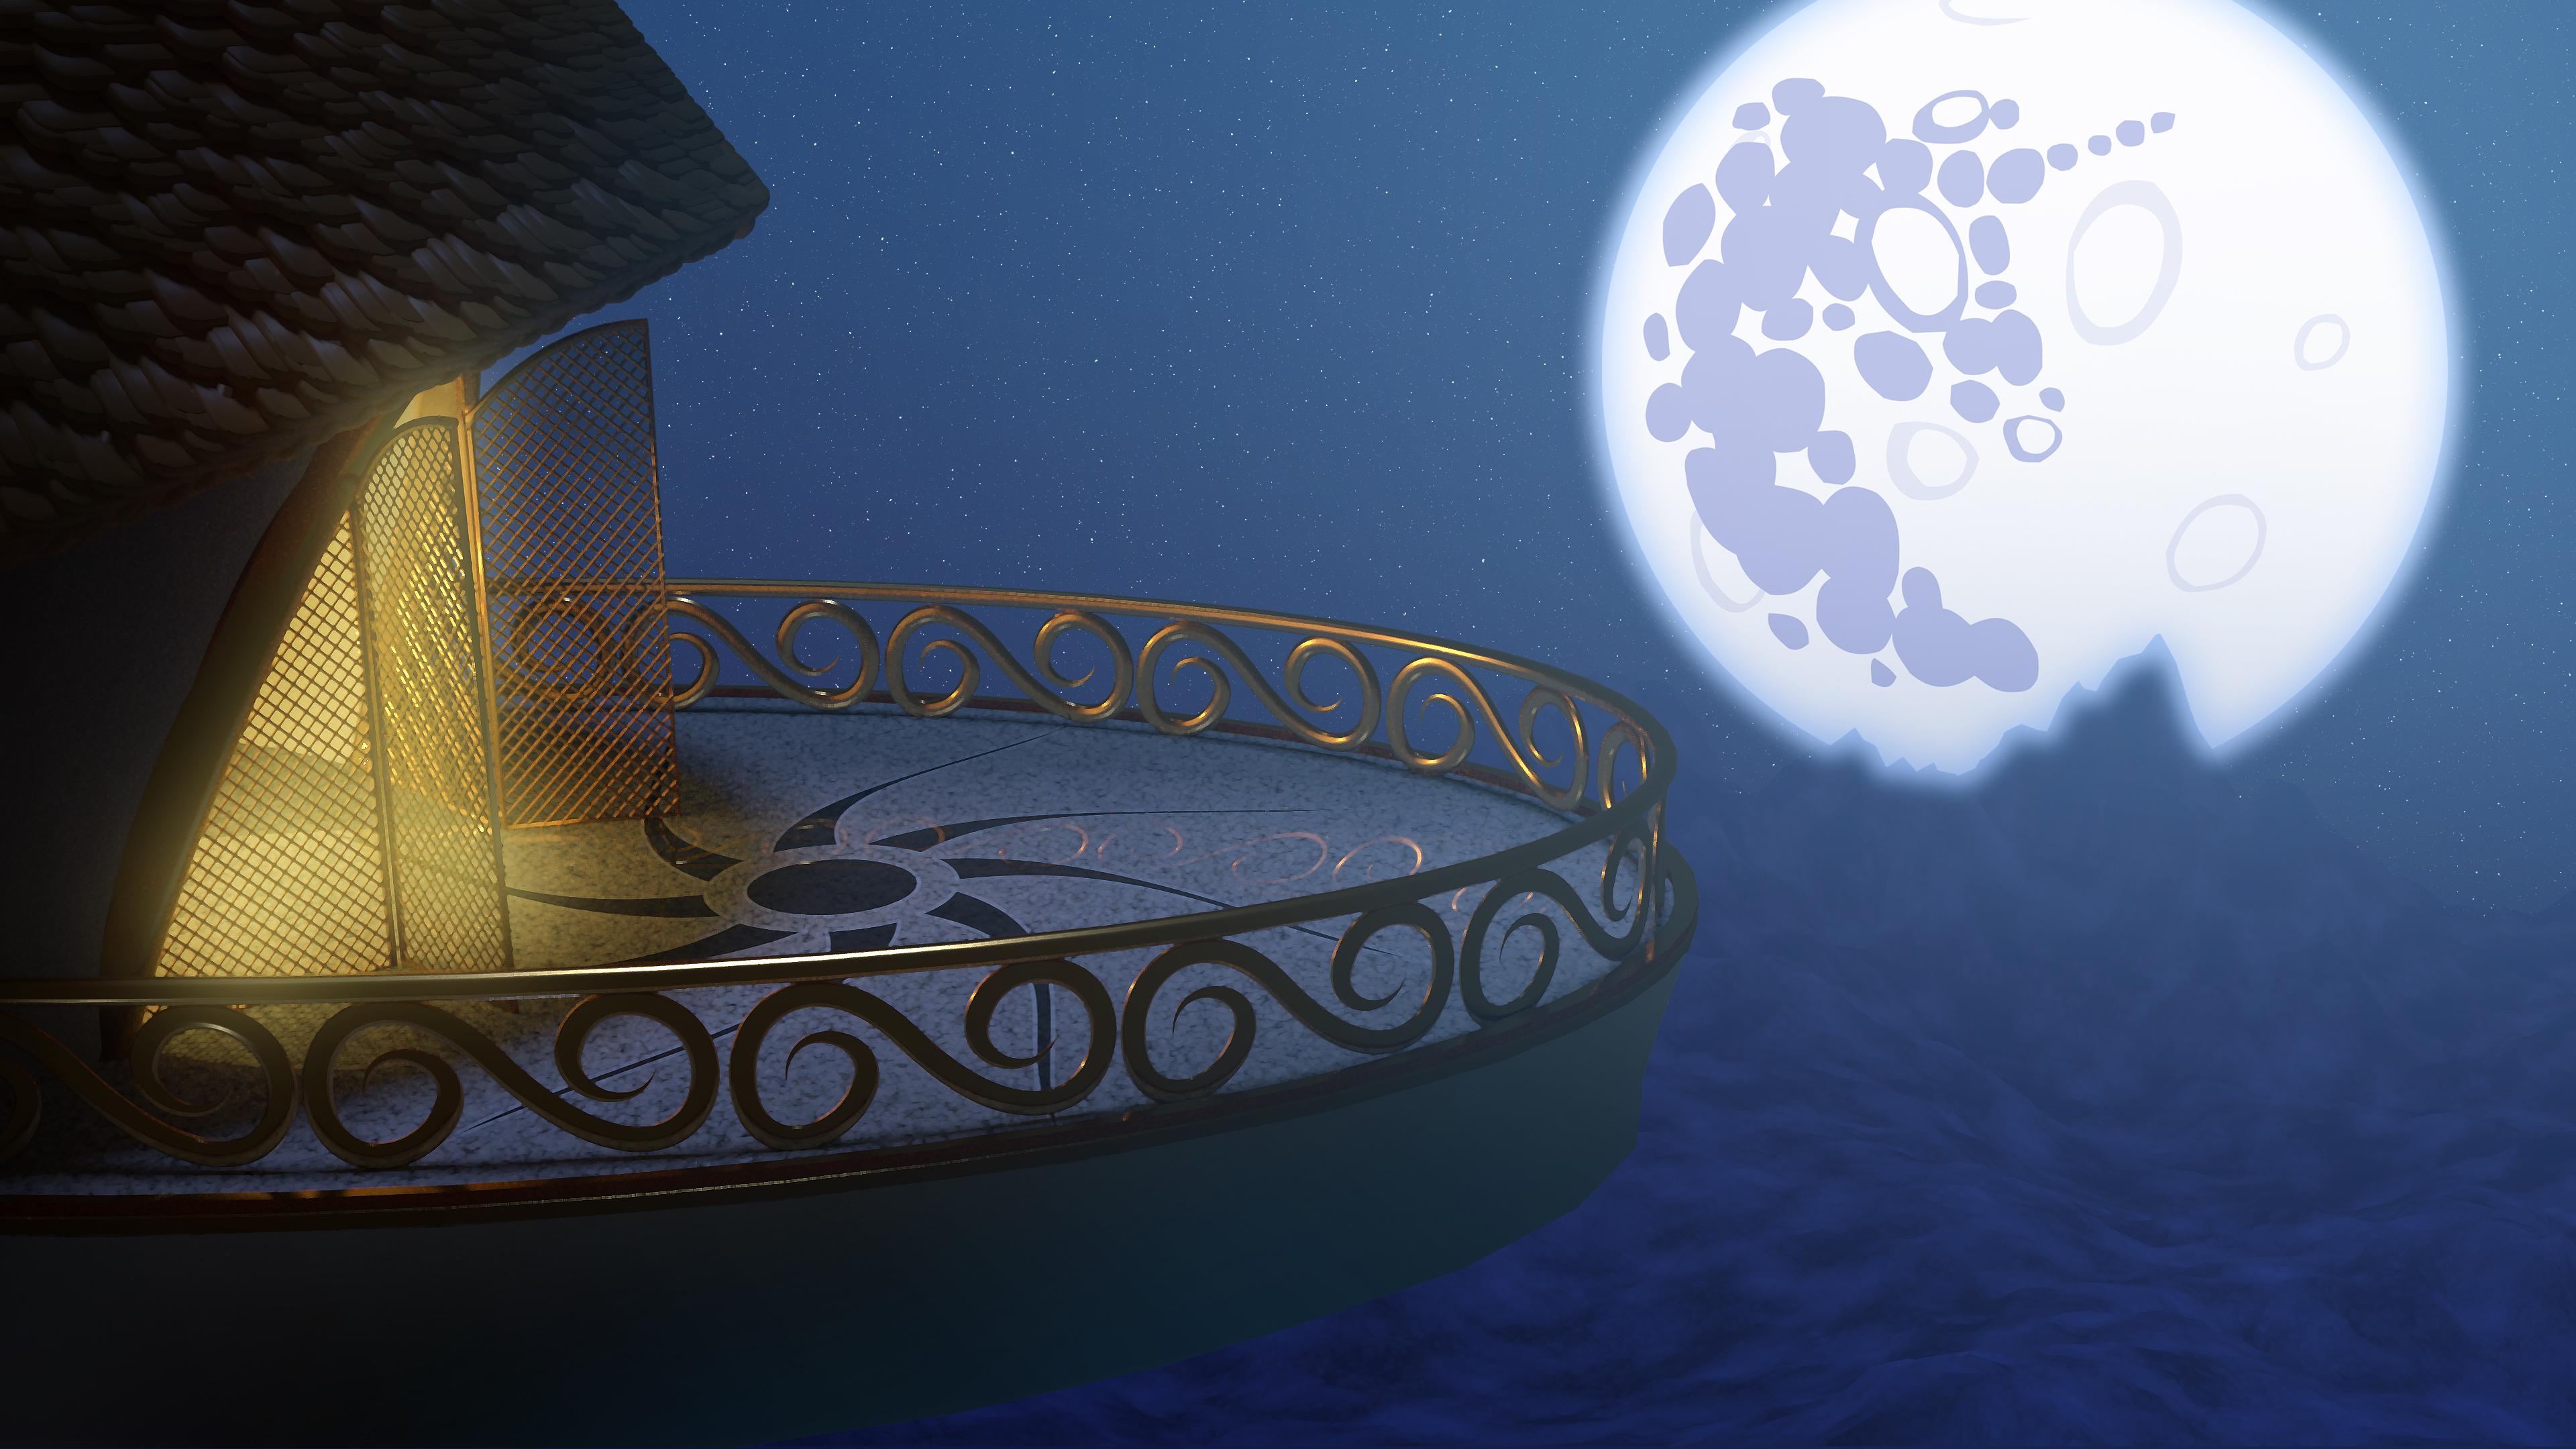 Canterlot Balcony (3D Render) by Etherium-Apex